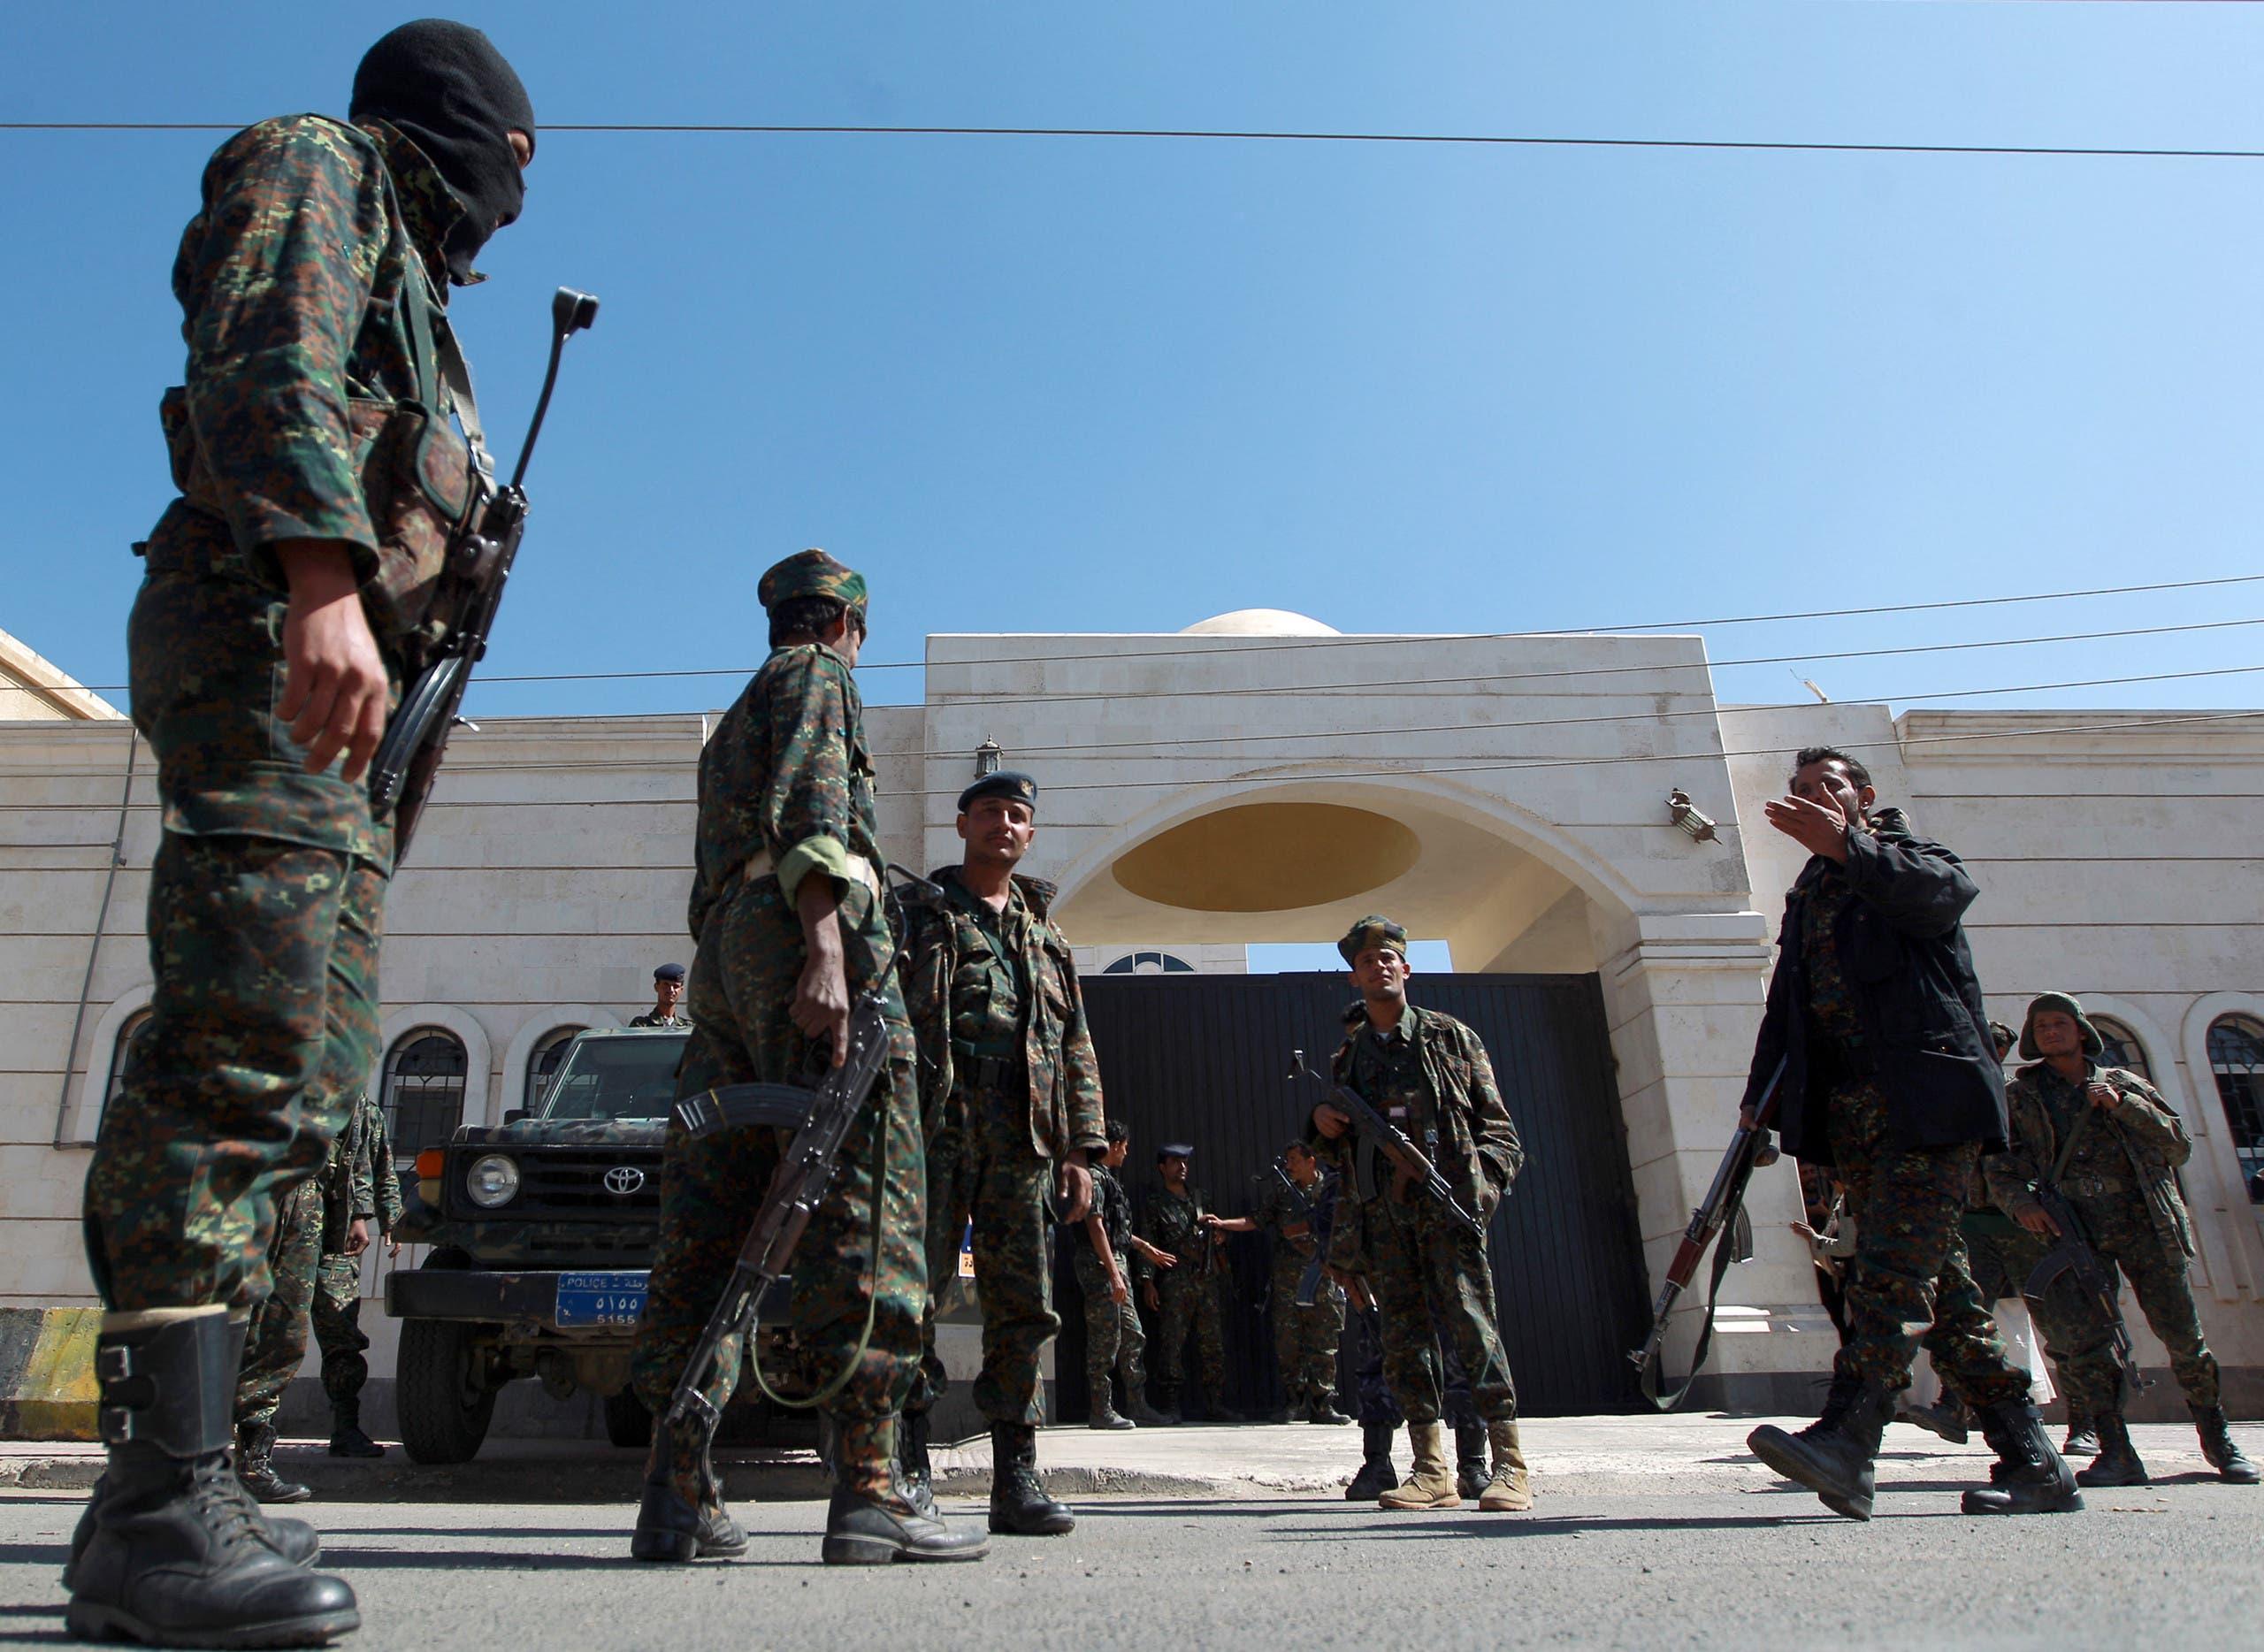 قوات أمن يمنية في صنعاء قبل الانقلاب في 2014 (أرشيفية)